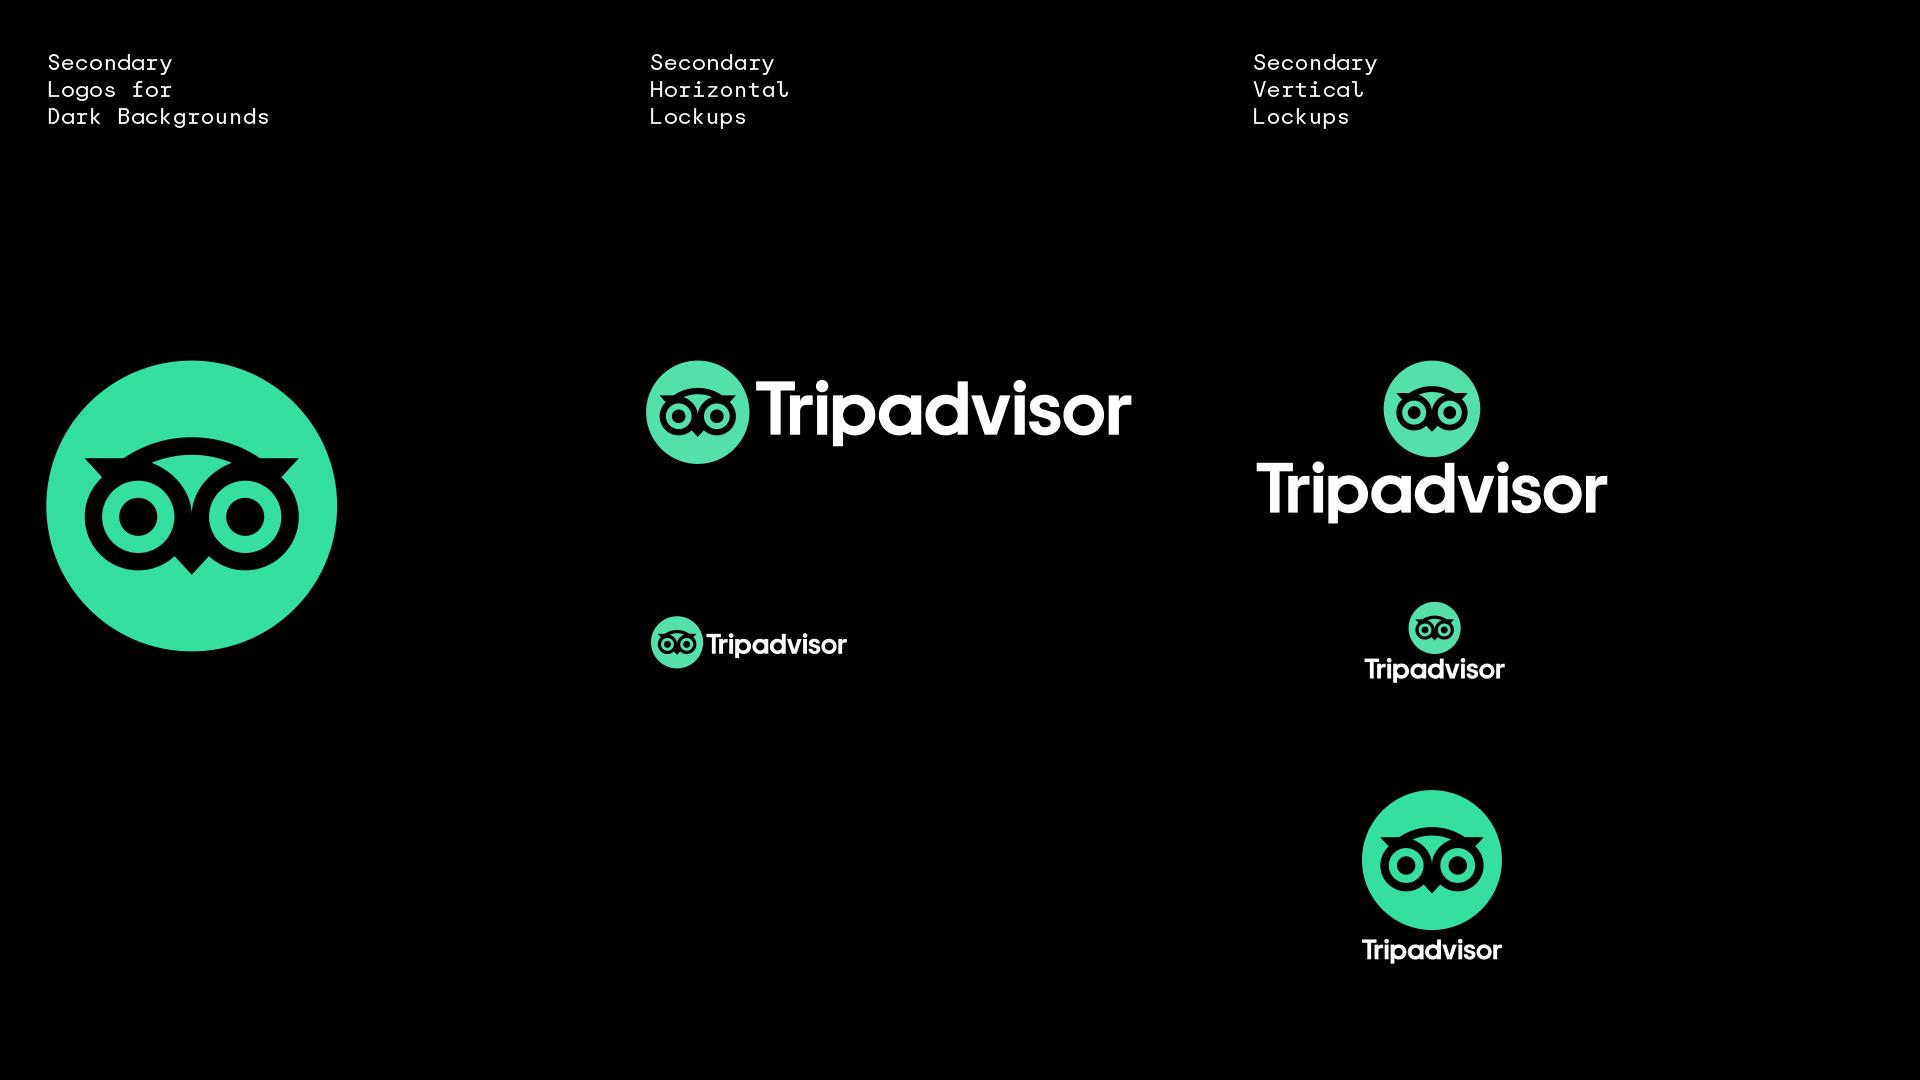 New Logo for Tripadvisor by Mother Design